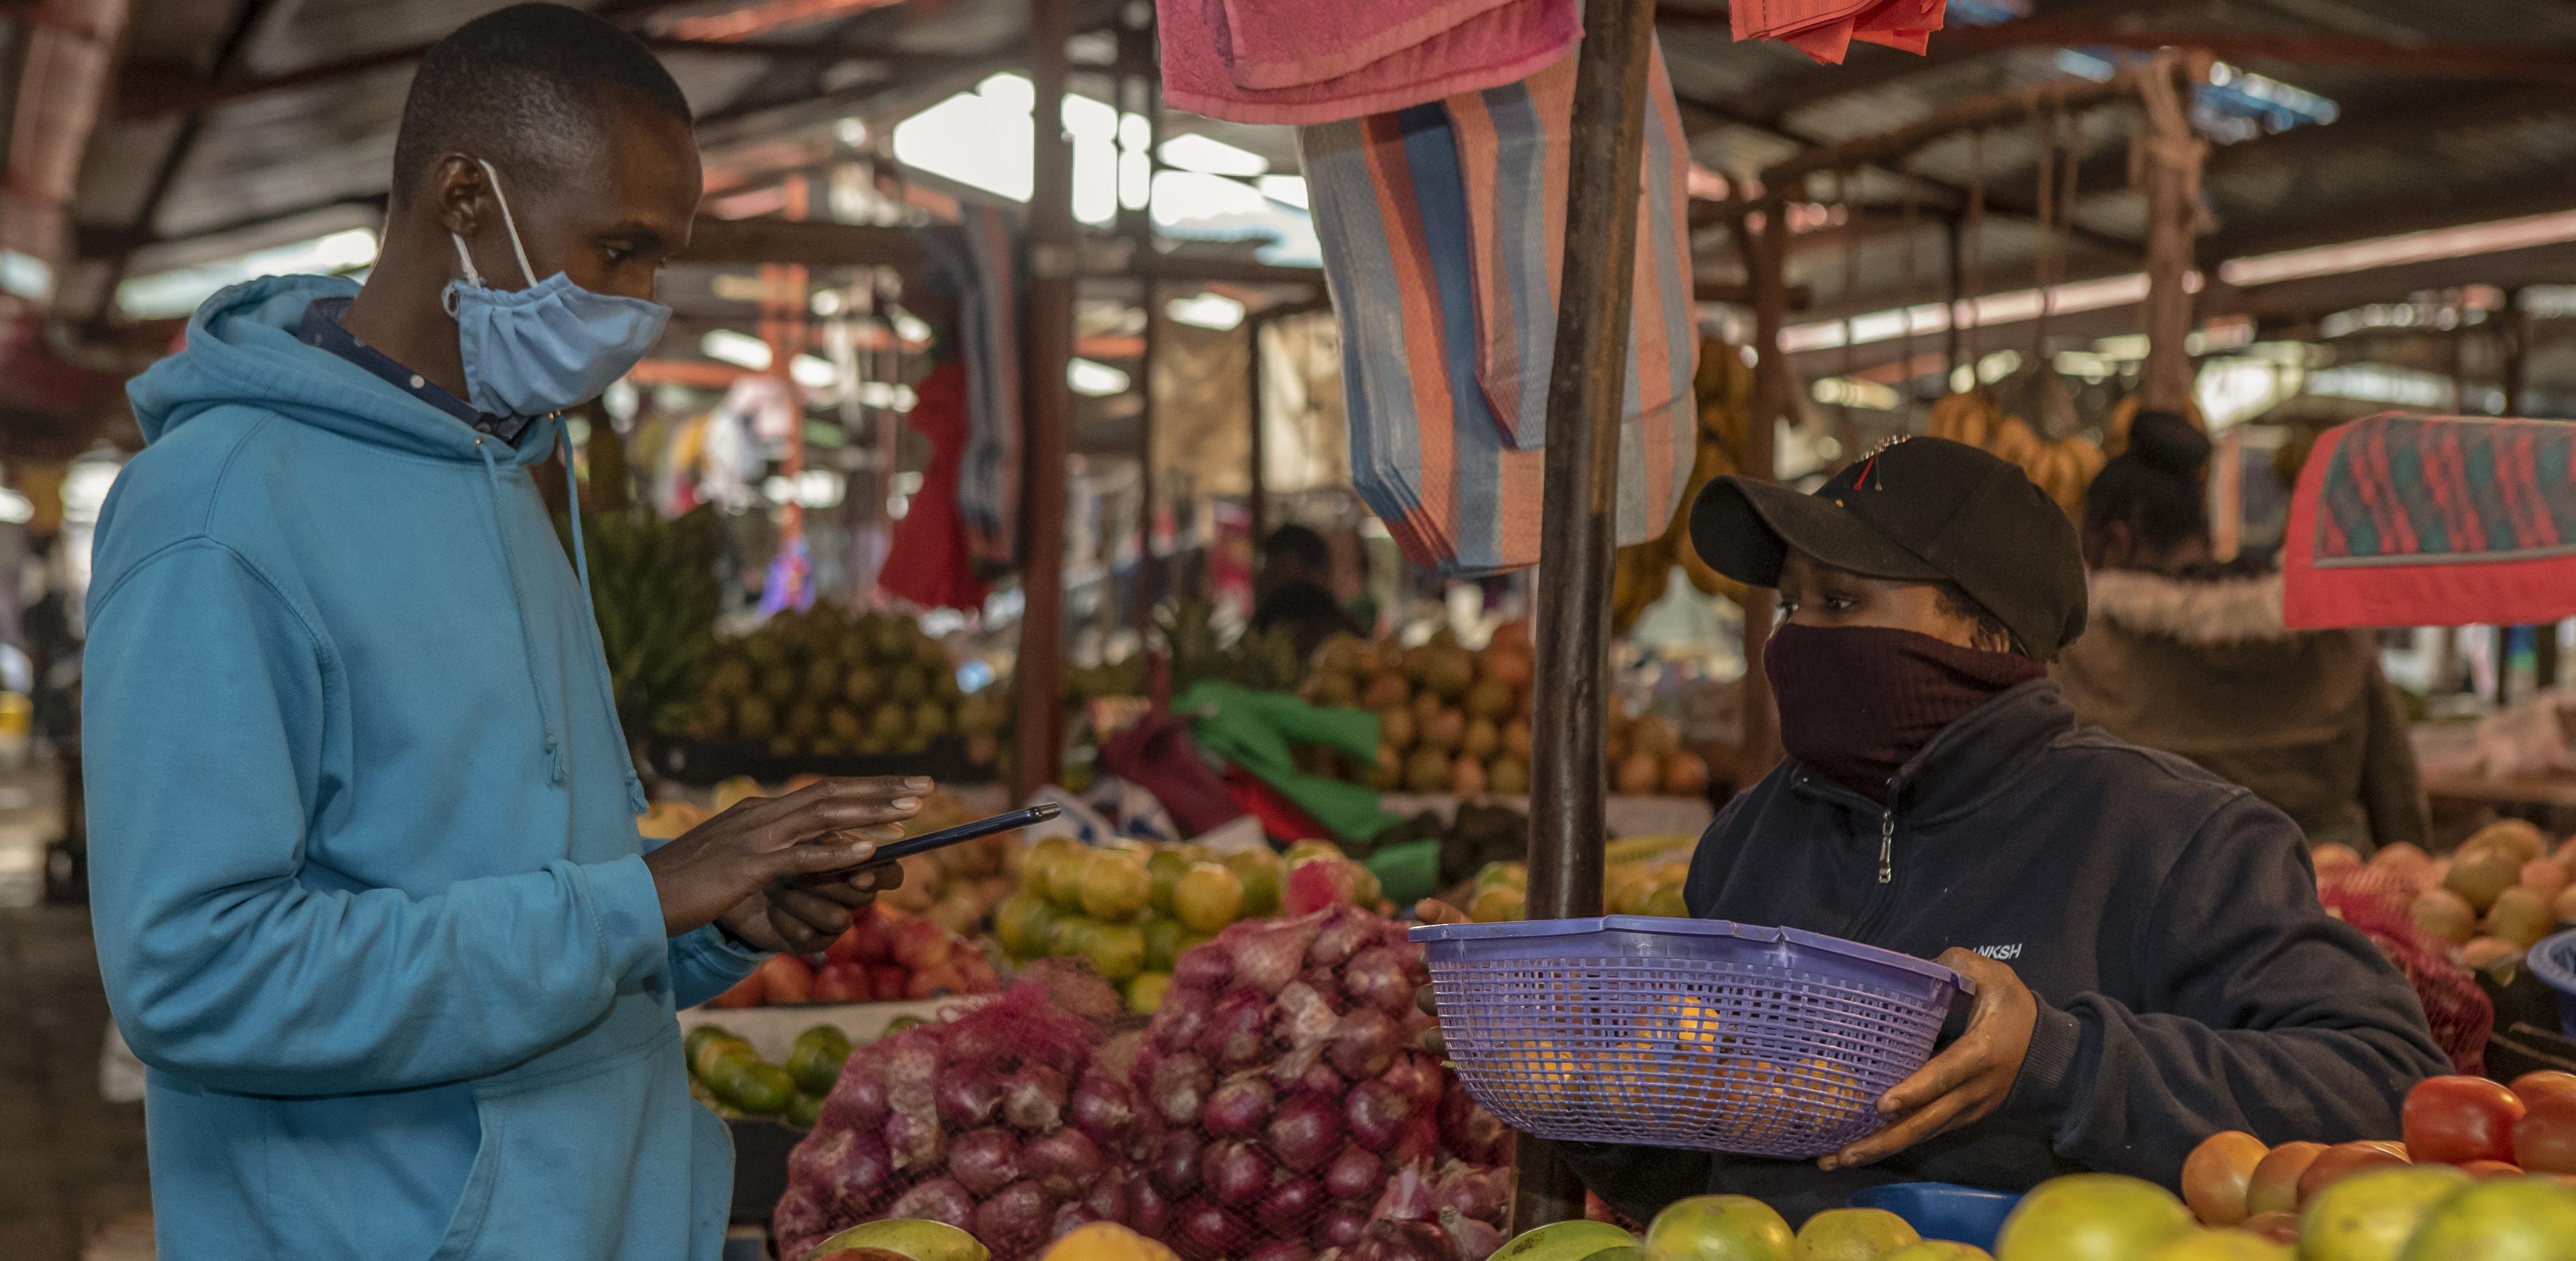 Photo: World Bank / Sambrian Mbaabu